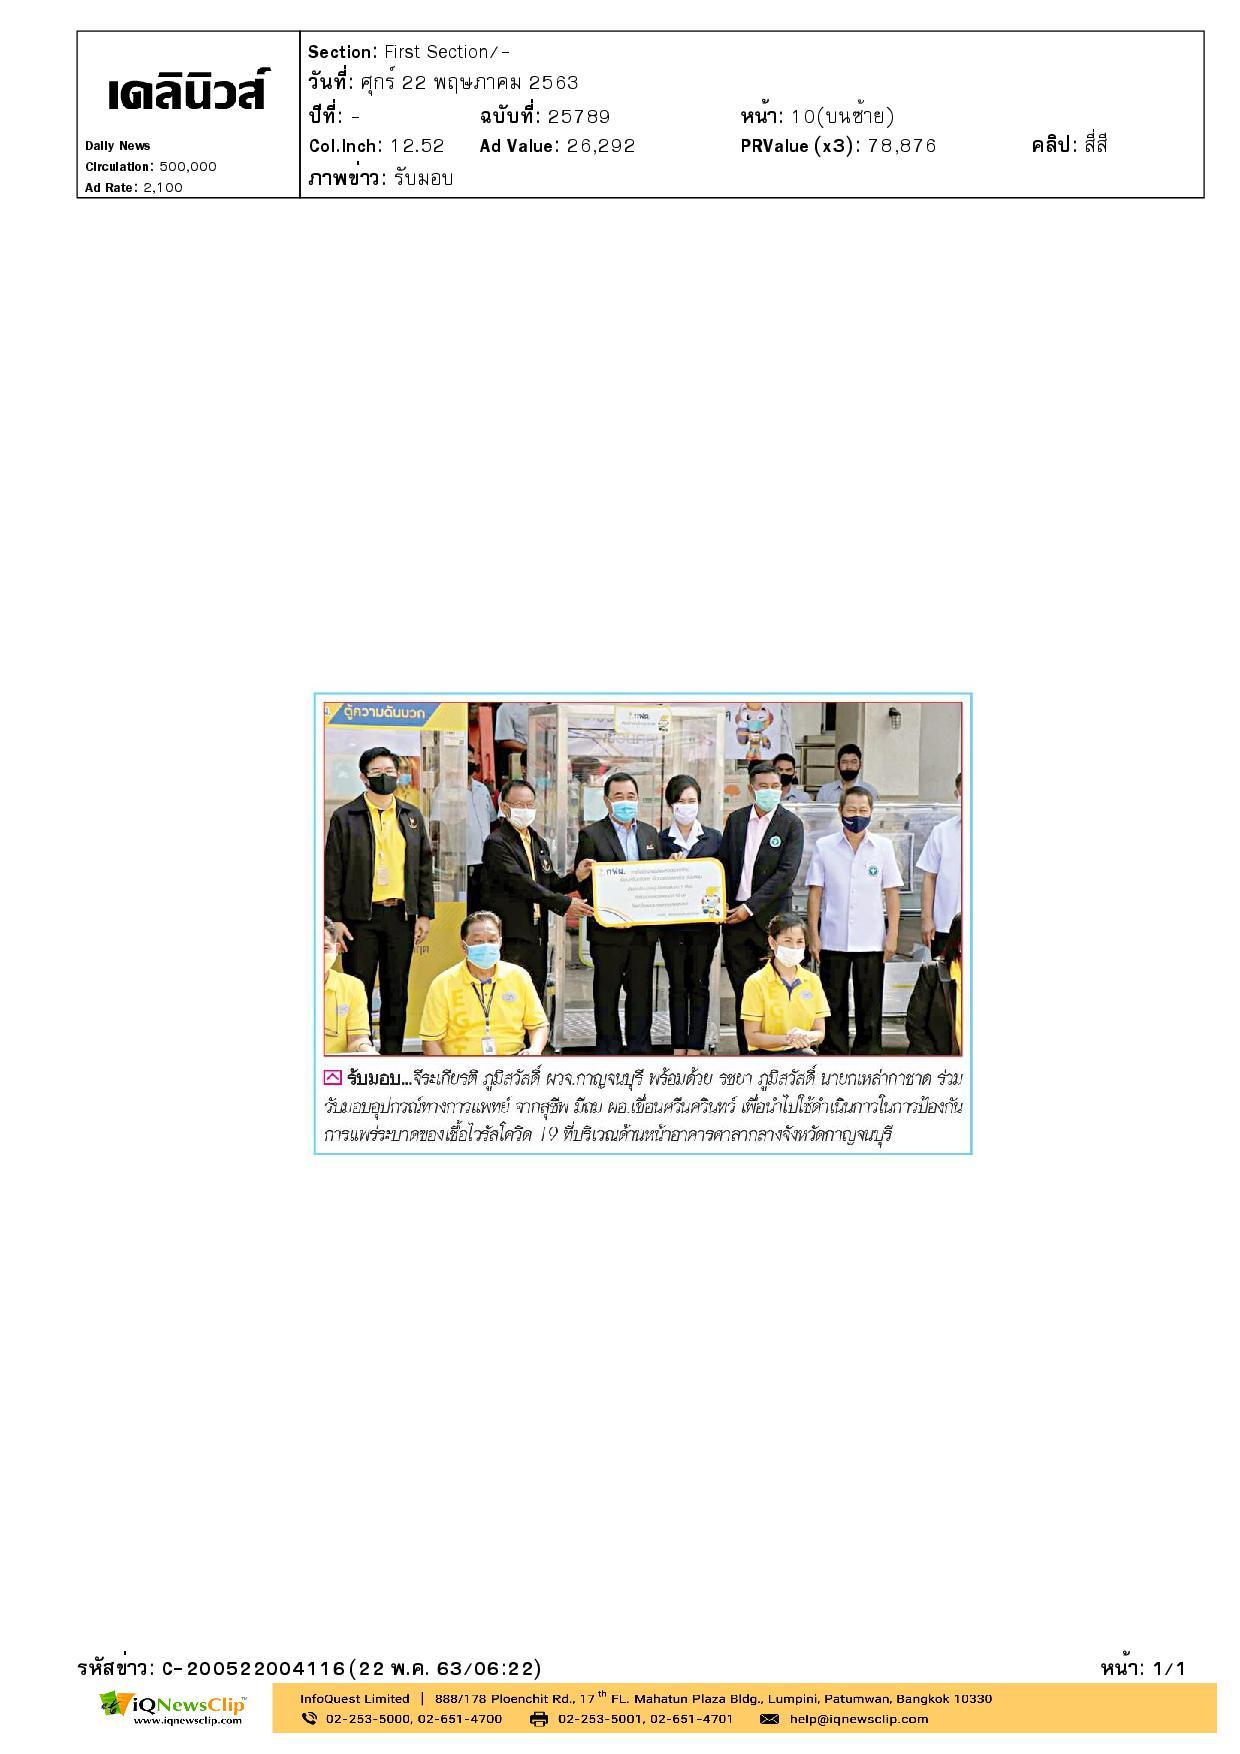 นายกเหล่ากาชาด จ.กาญจนบุรี รับมอบอุปกรณ์ทางการแพทย์